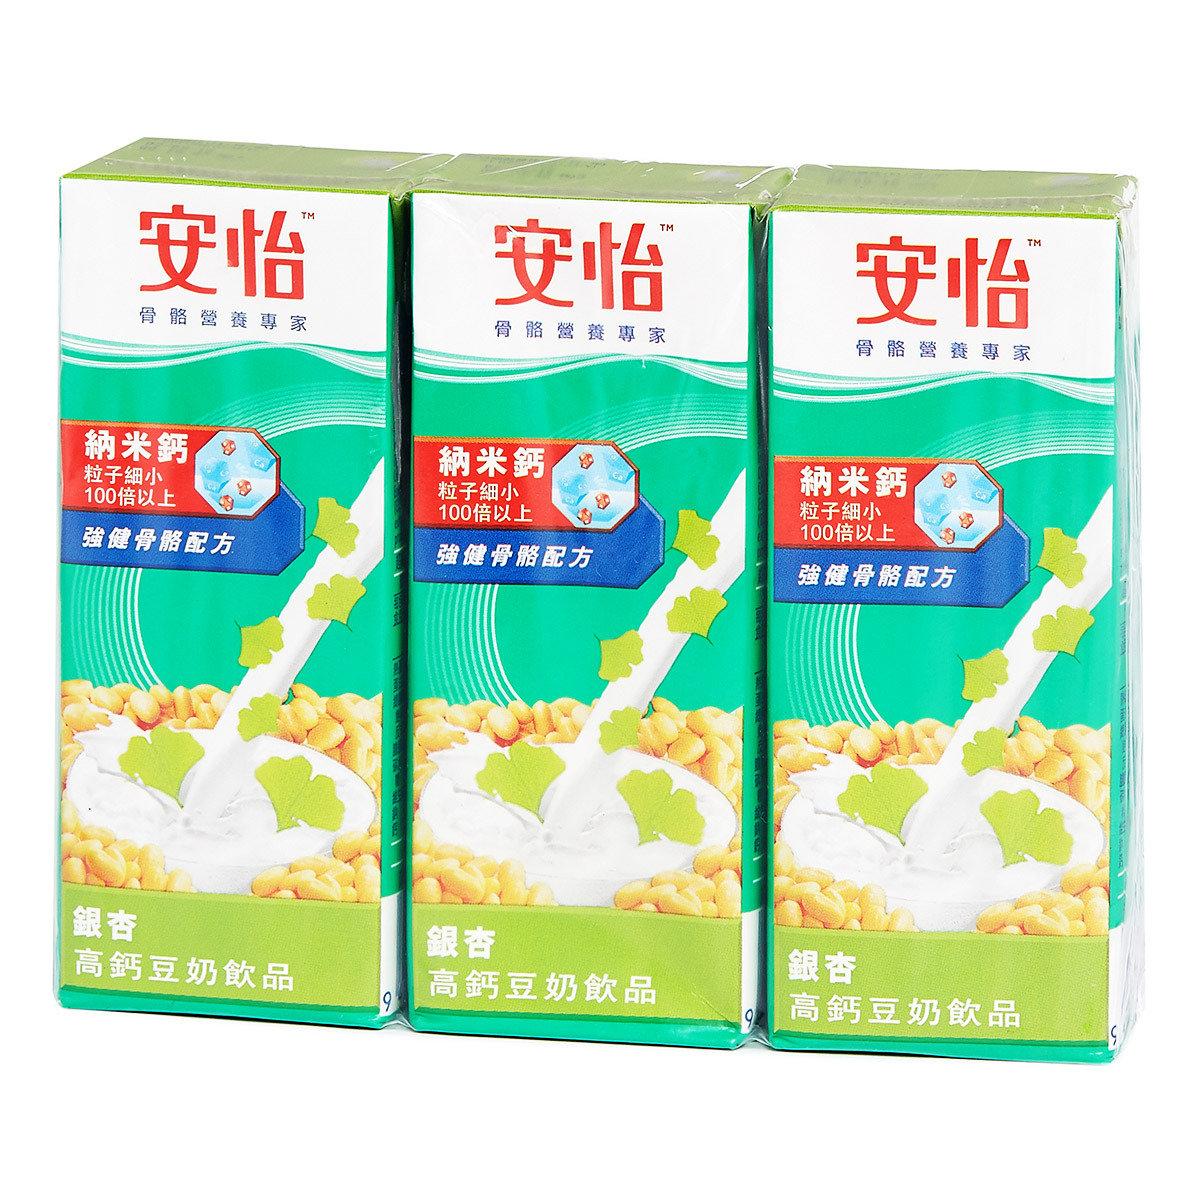 銀杏高鈣豆奶飲品